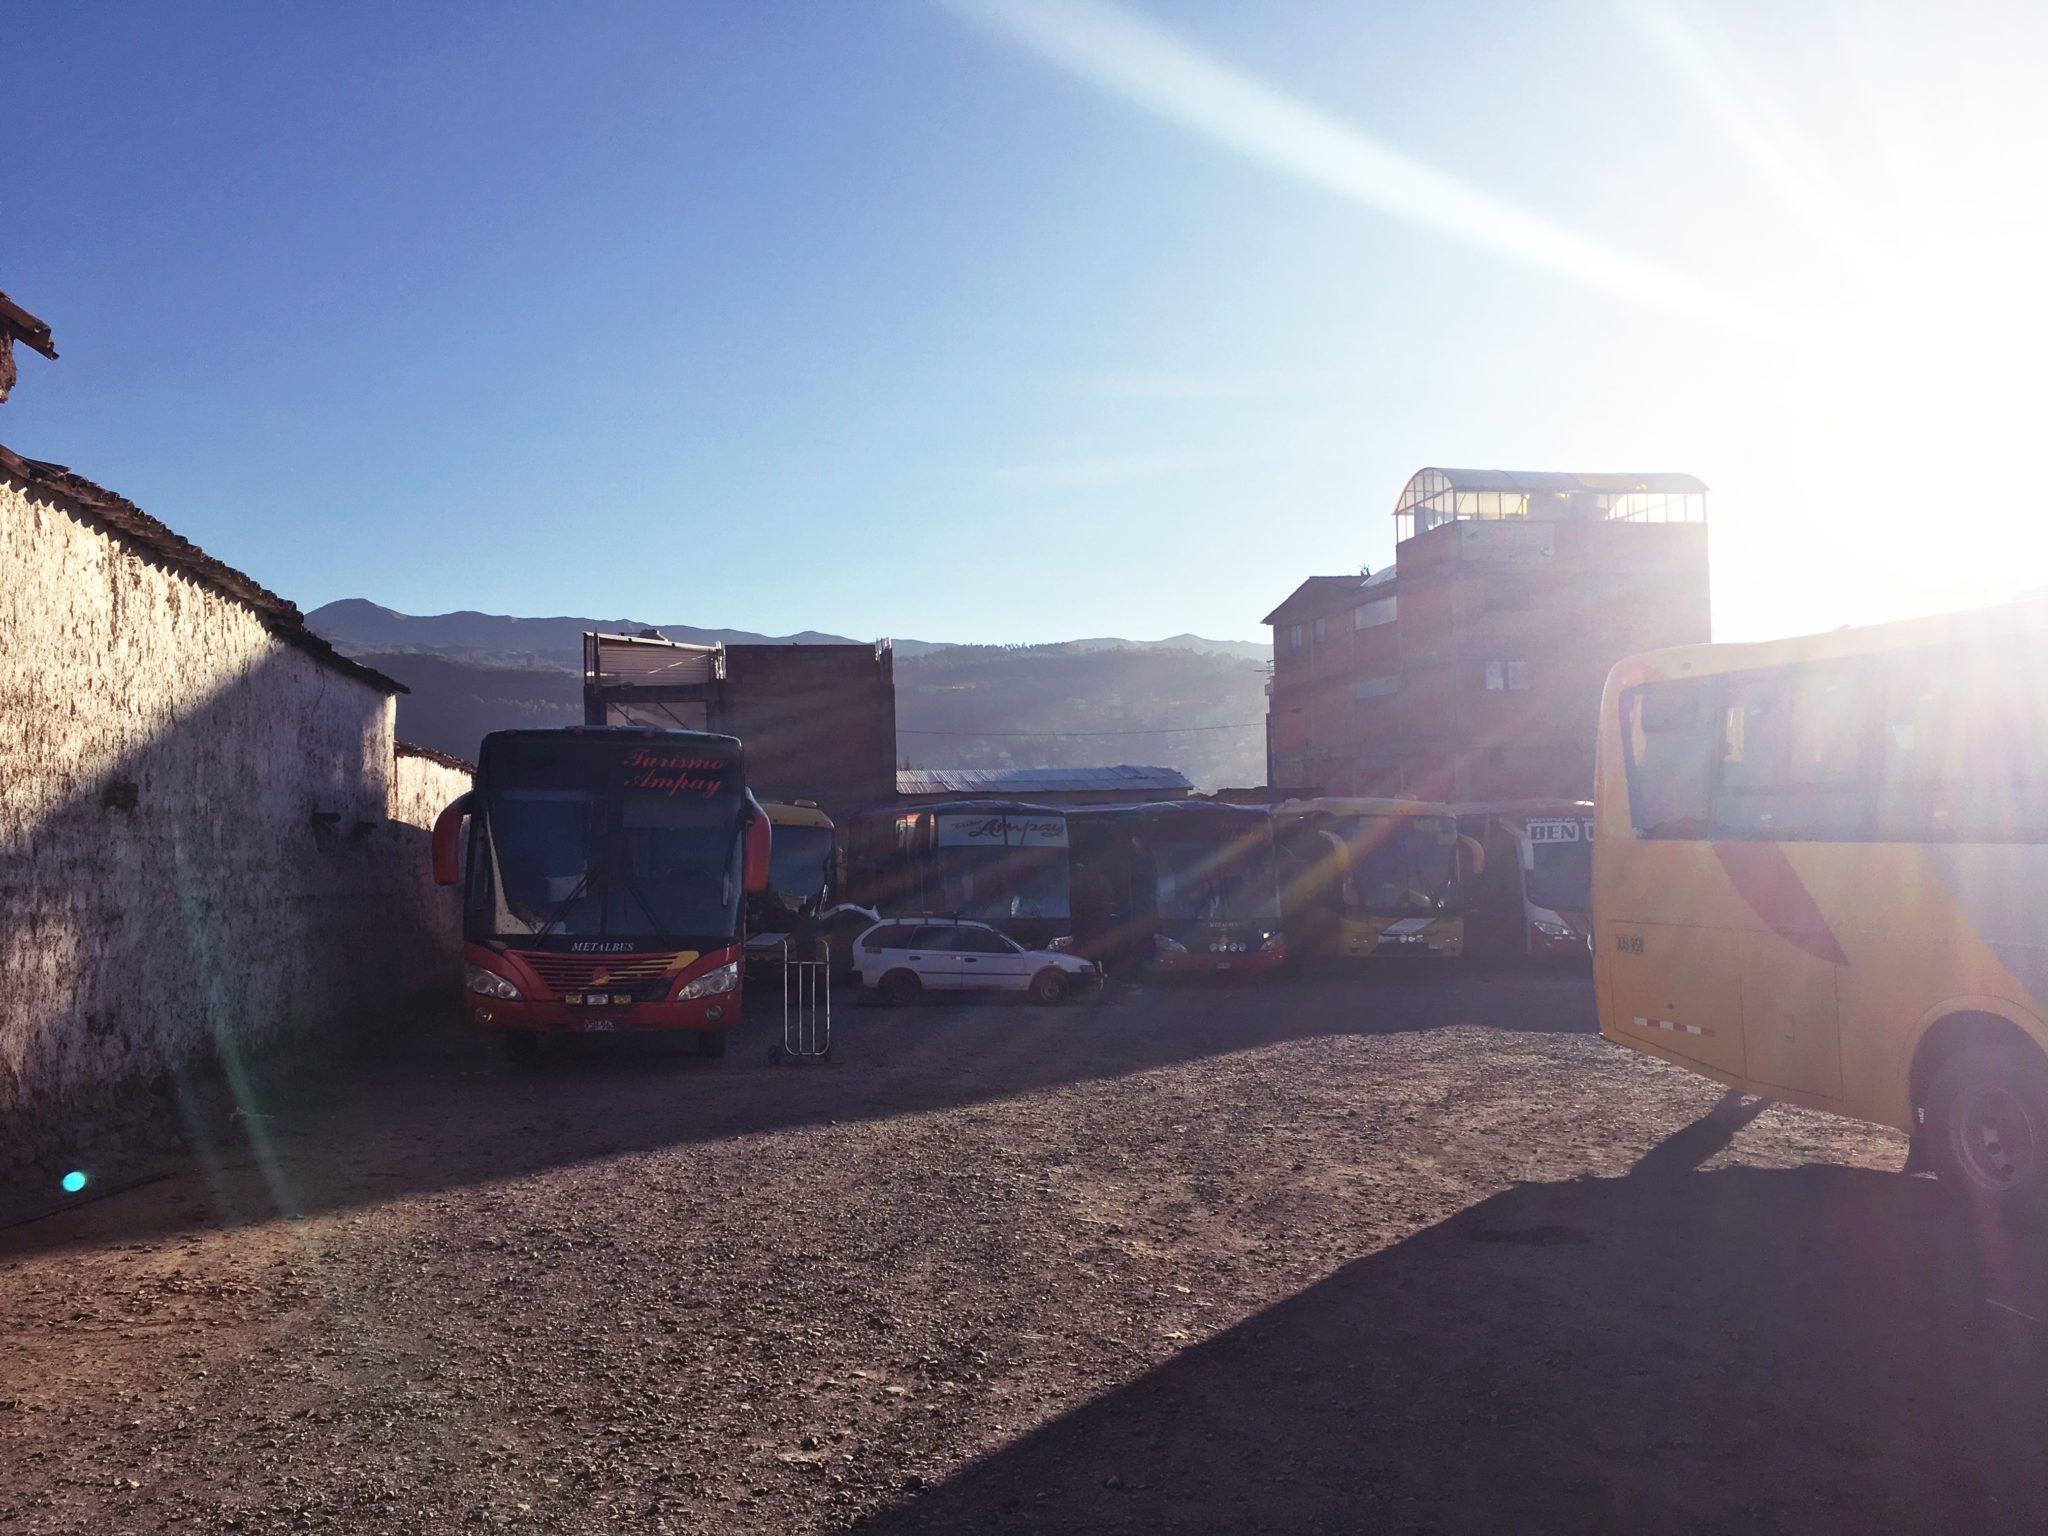 ペルー, 観光, Quillabamba, キヤバンバ, バス